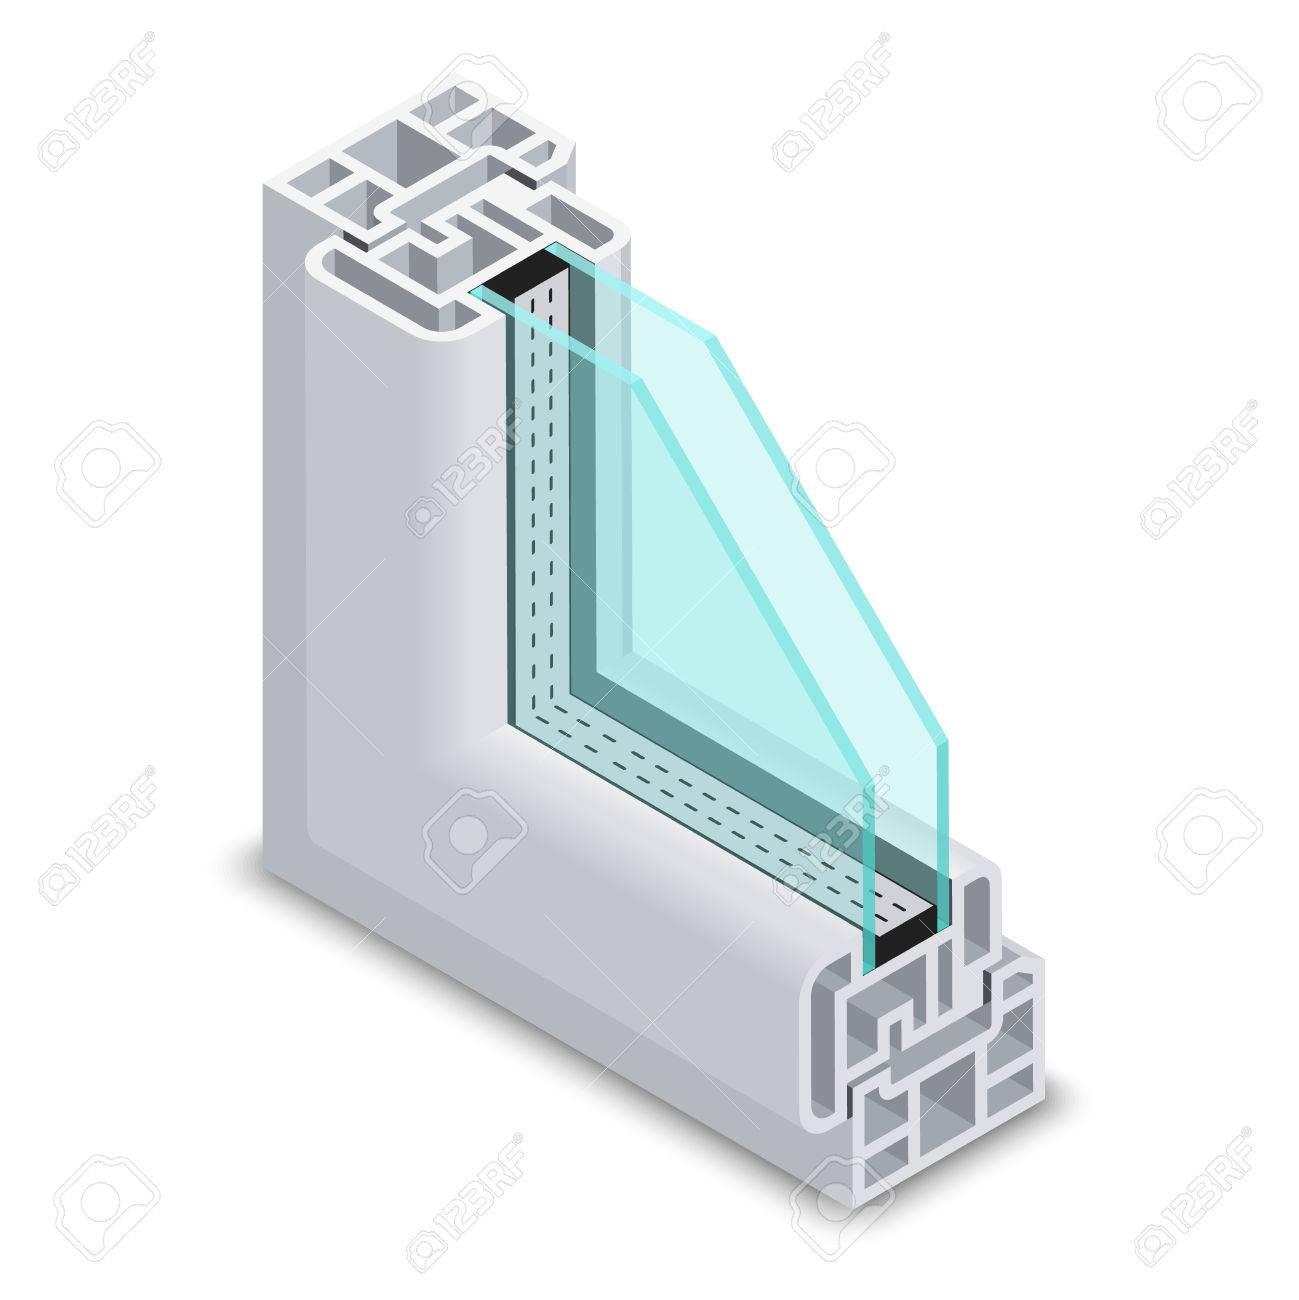 Vidrio Claro Sección Transversal Ventana De Casa. Marco De La ...